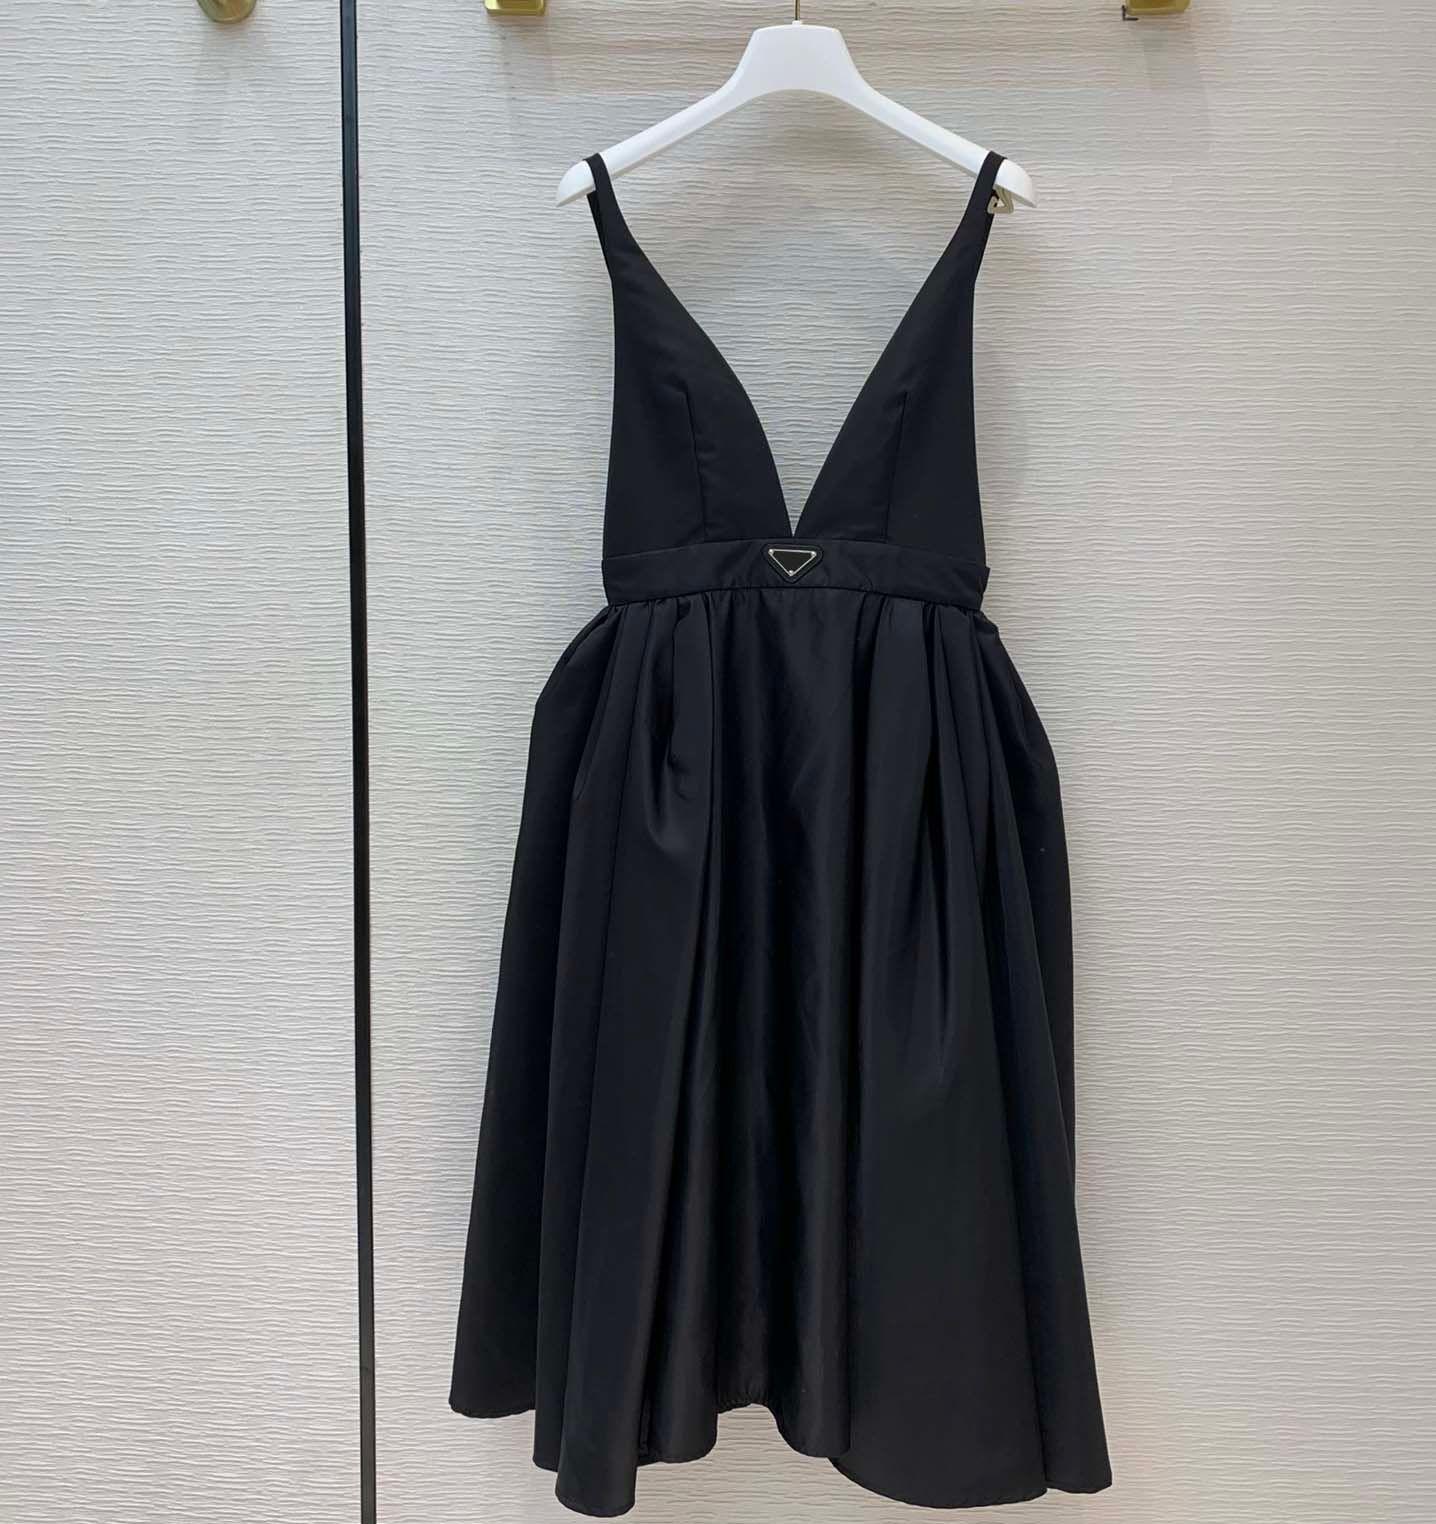 2021New Hot Sexy Party Kleid Re-Nylon-Stil Puffer Röcke Taille-Retching Klassische Ballkleid Hosenträger Midi-Kleider mit invertiertem Dreieck